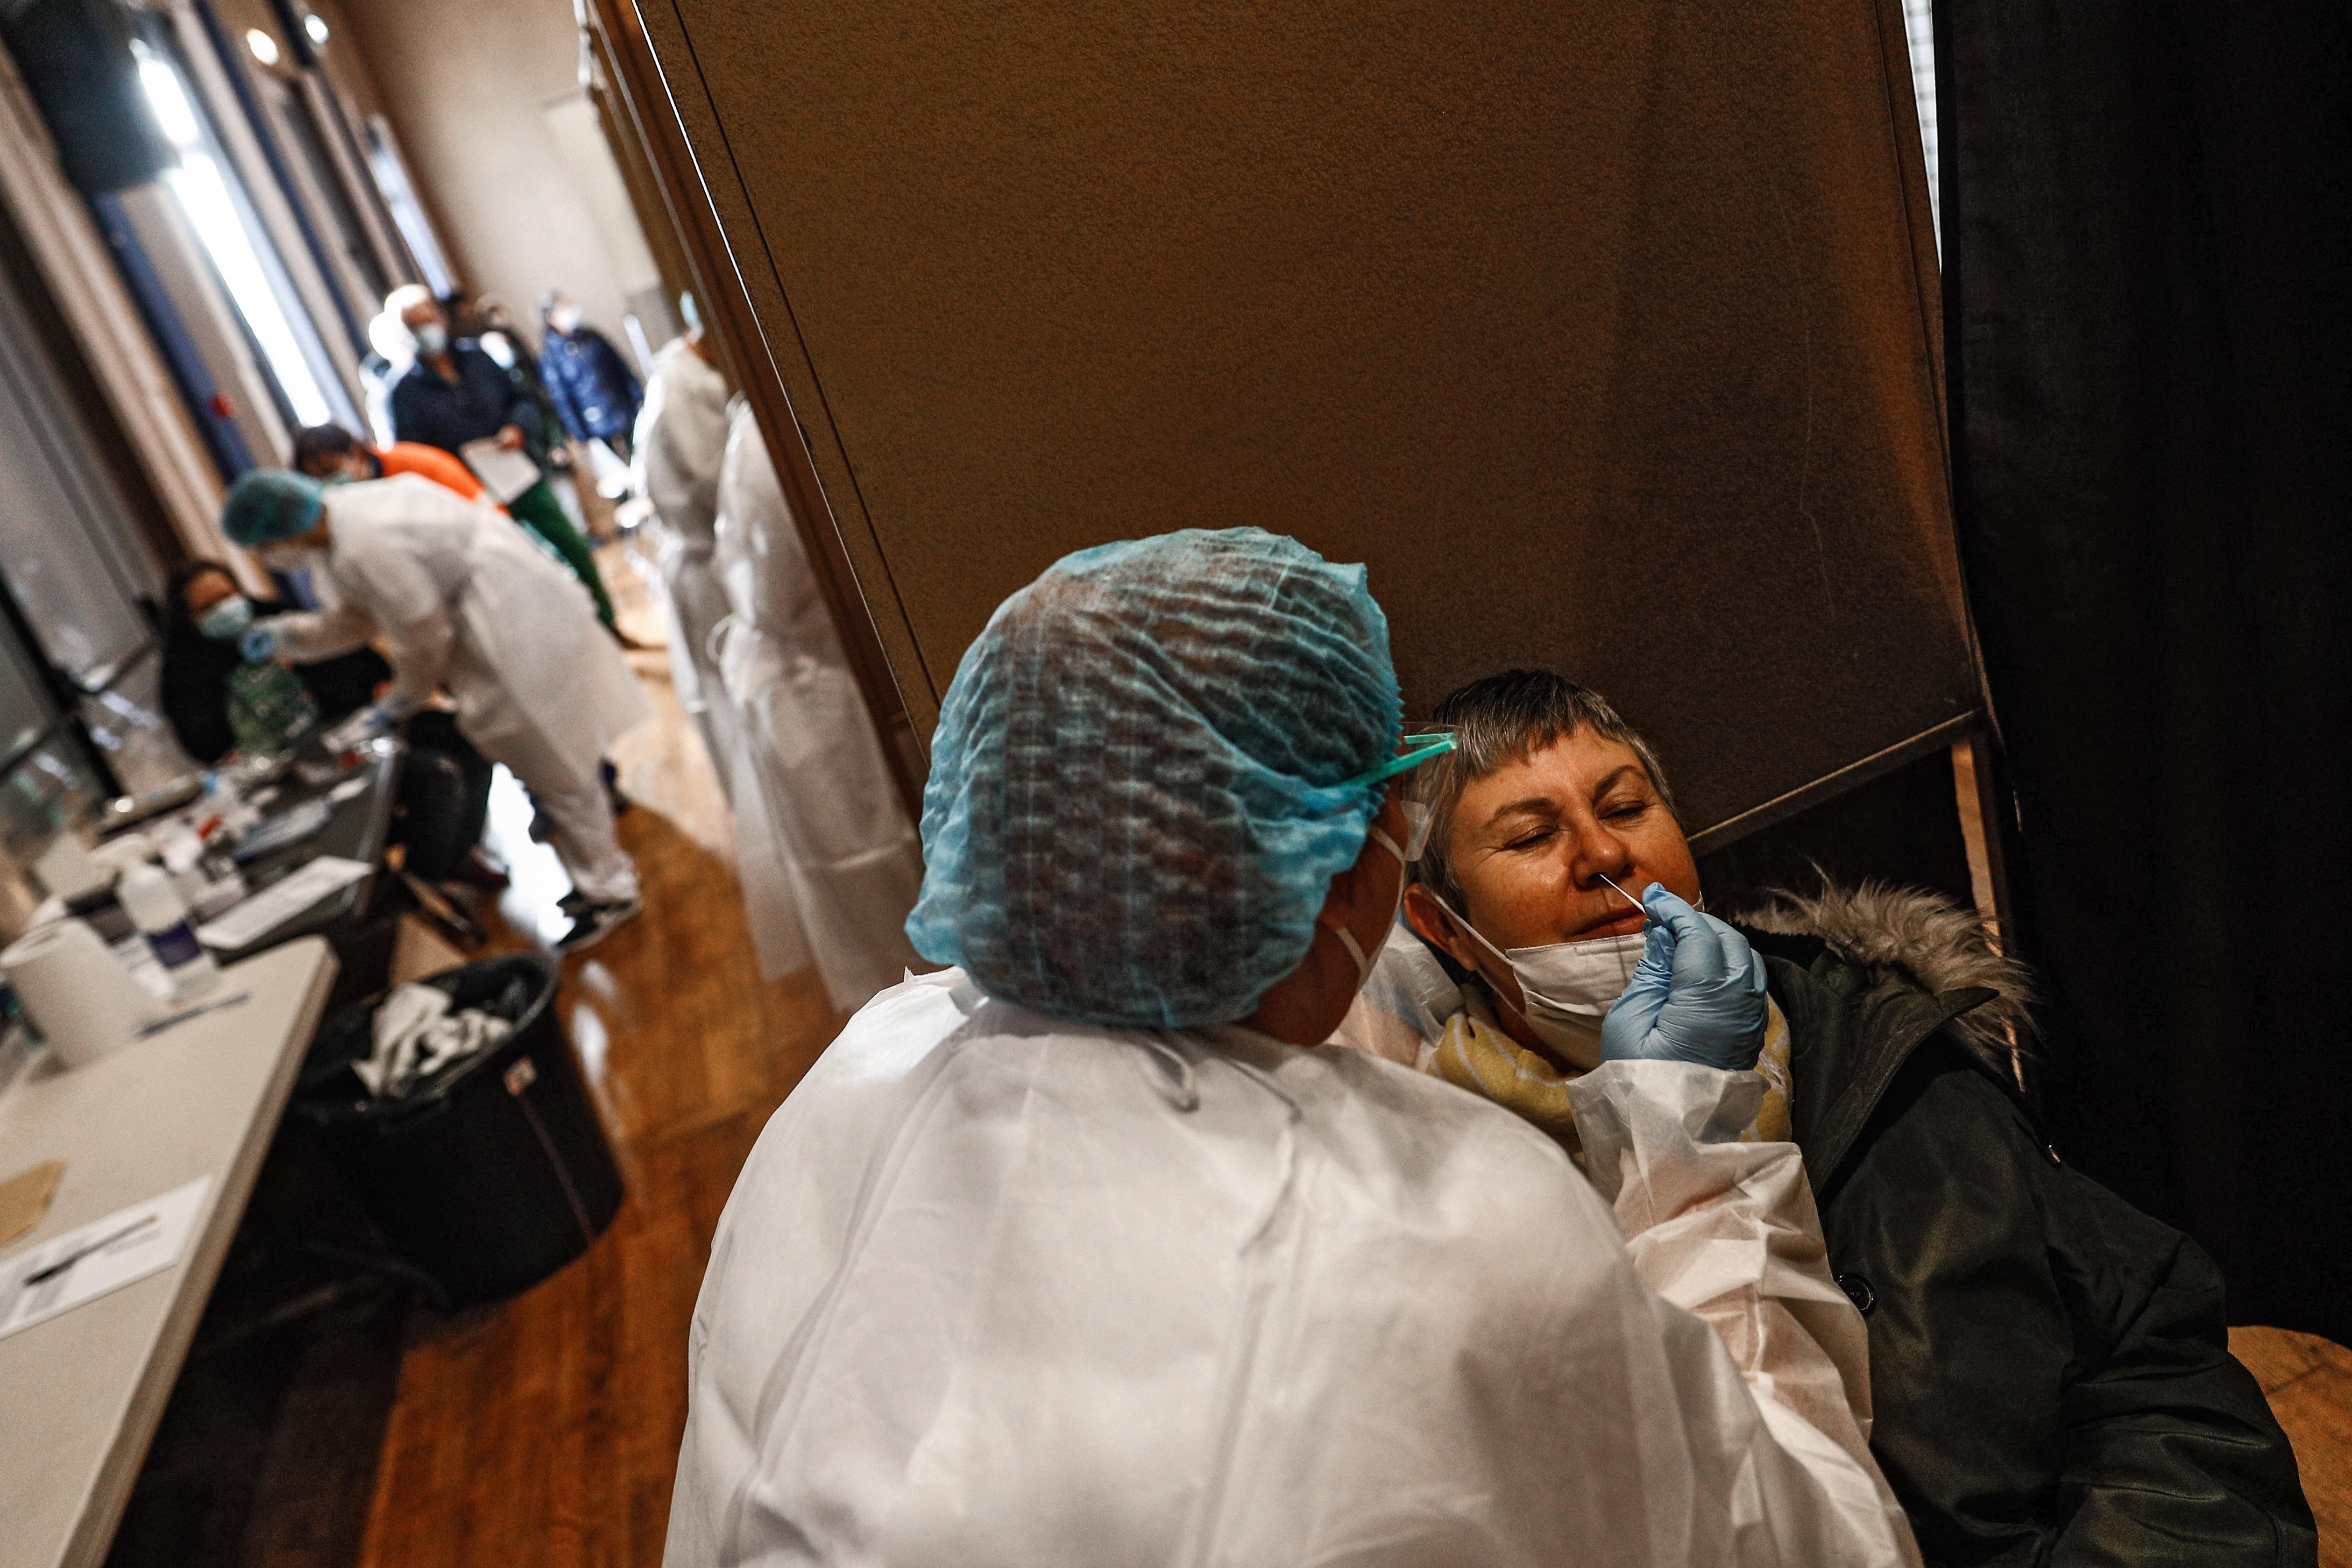 Alemania contará con aprobación de vacuna contra covid-19 en Europa antes de Navidad